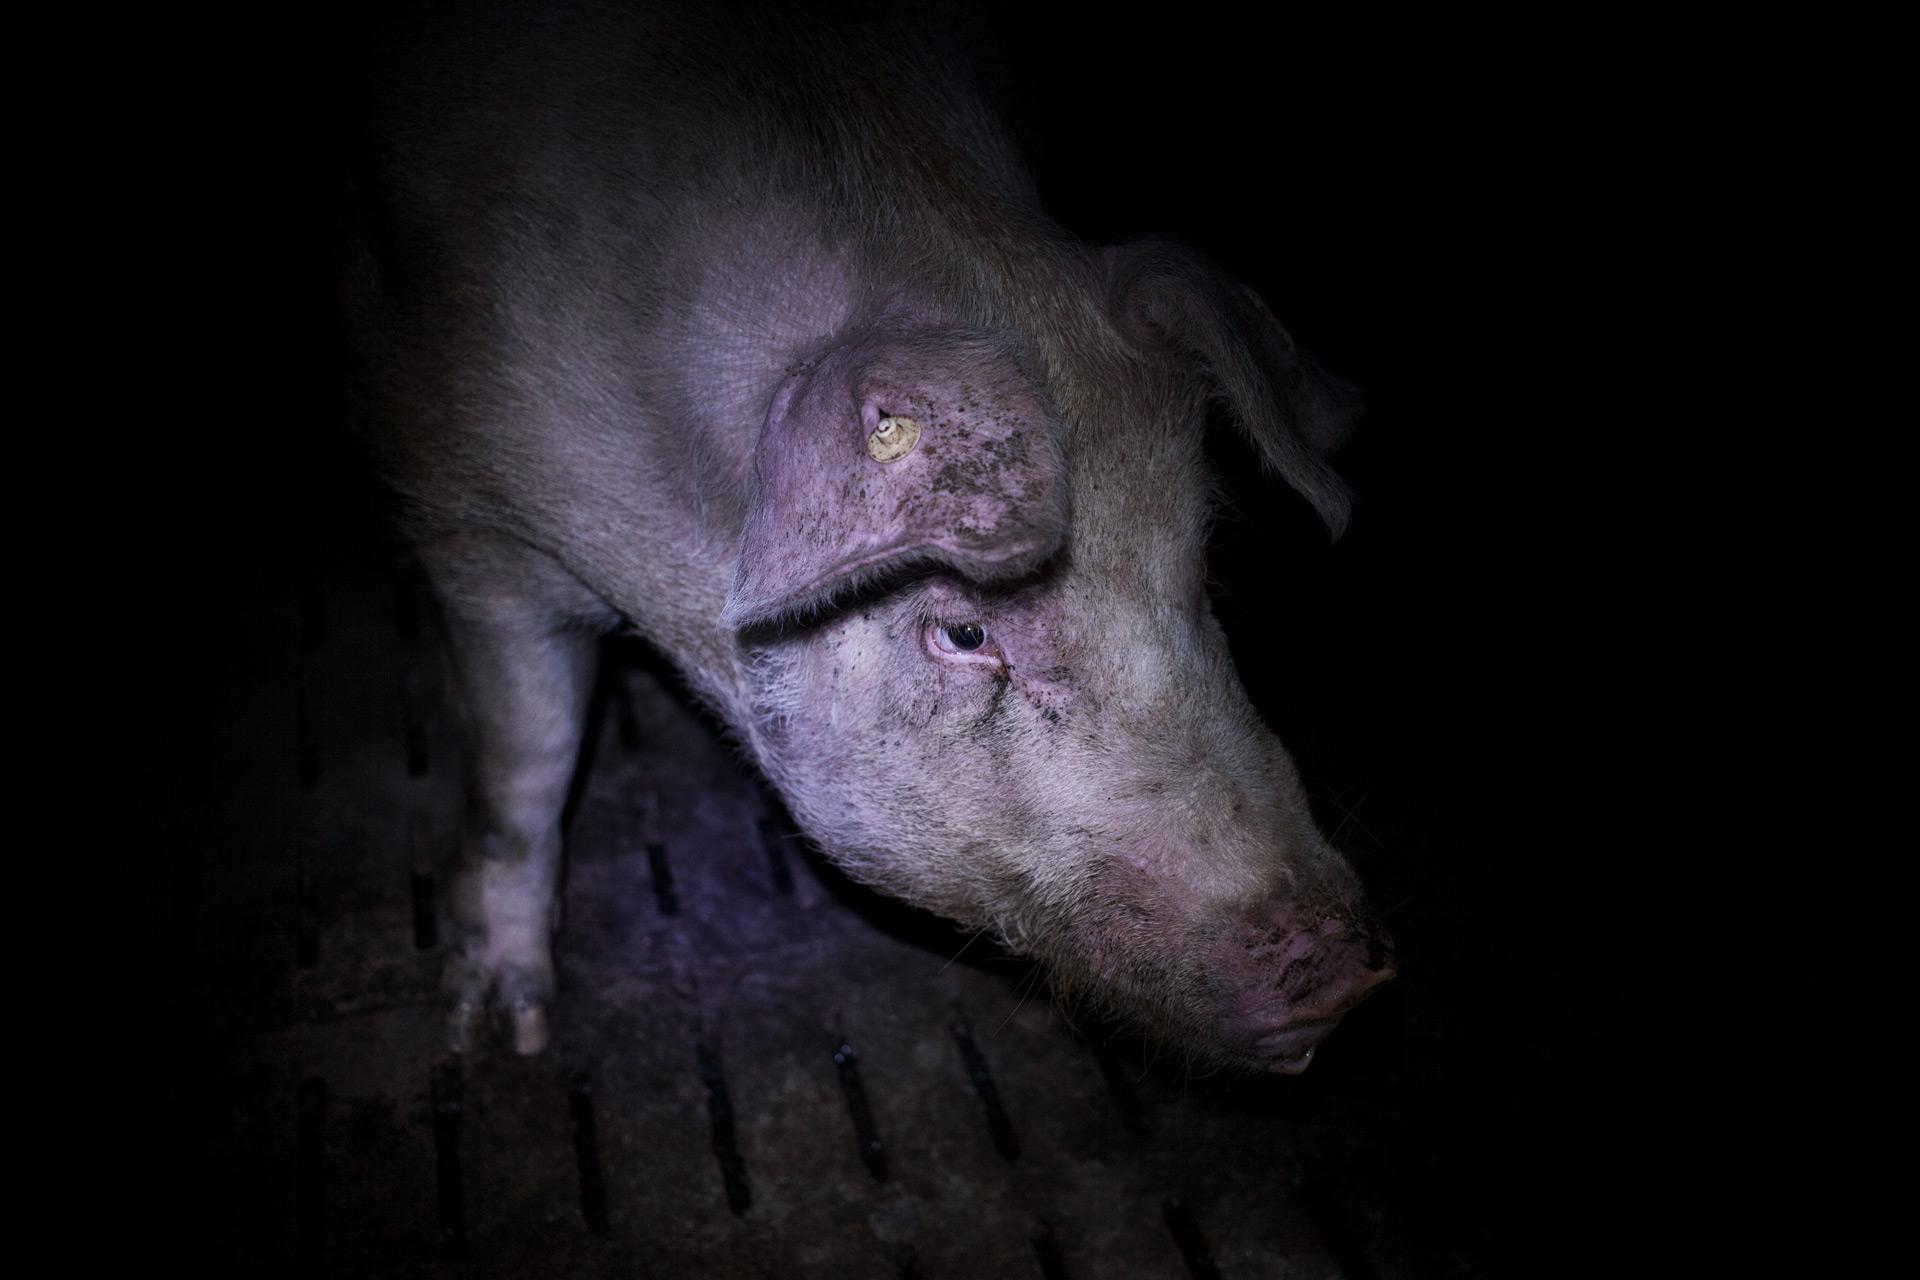 timo-stammberger-massentierhaltung-mastanlage-factory-farming-schweine-pigs-animal-rights_05